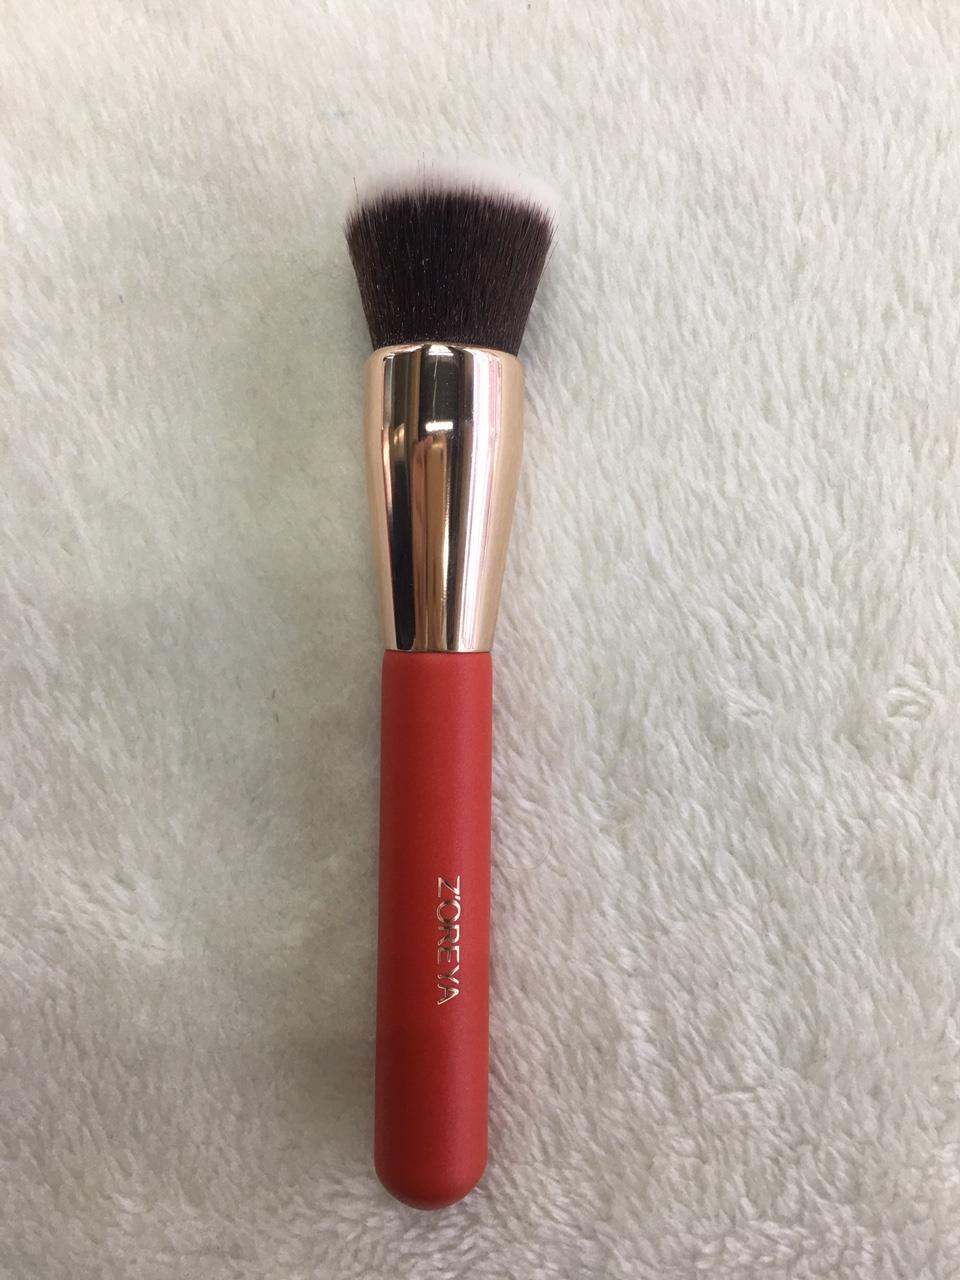 定制款木柄系列化妆单支刷散粉轮廓化妆刷平头粉刷初学化妆者必备单支化妆粉刷